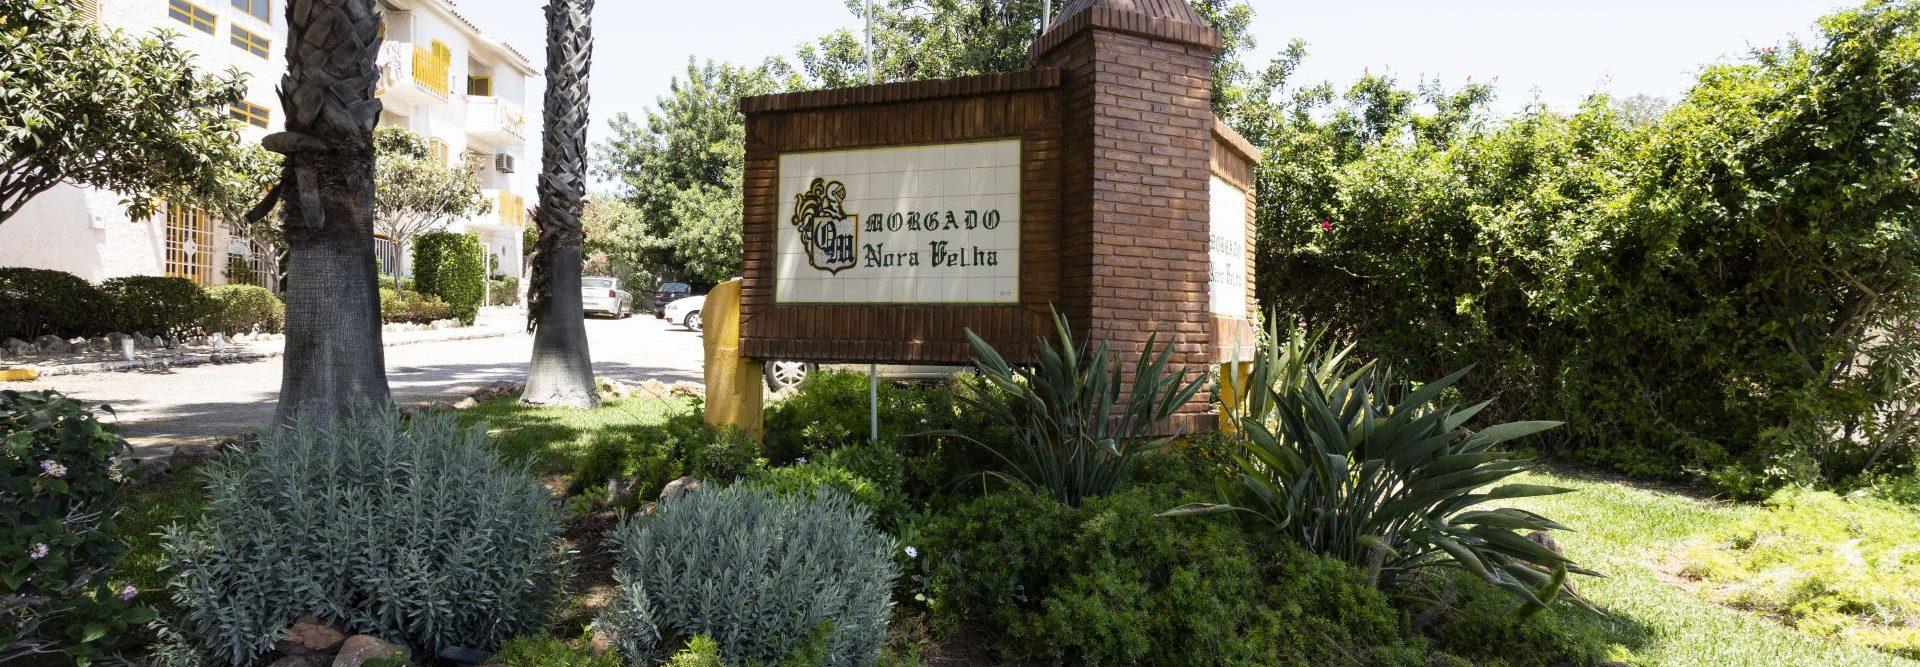 Quinta do Morgado